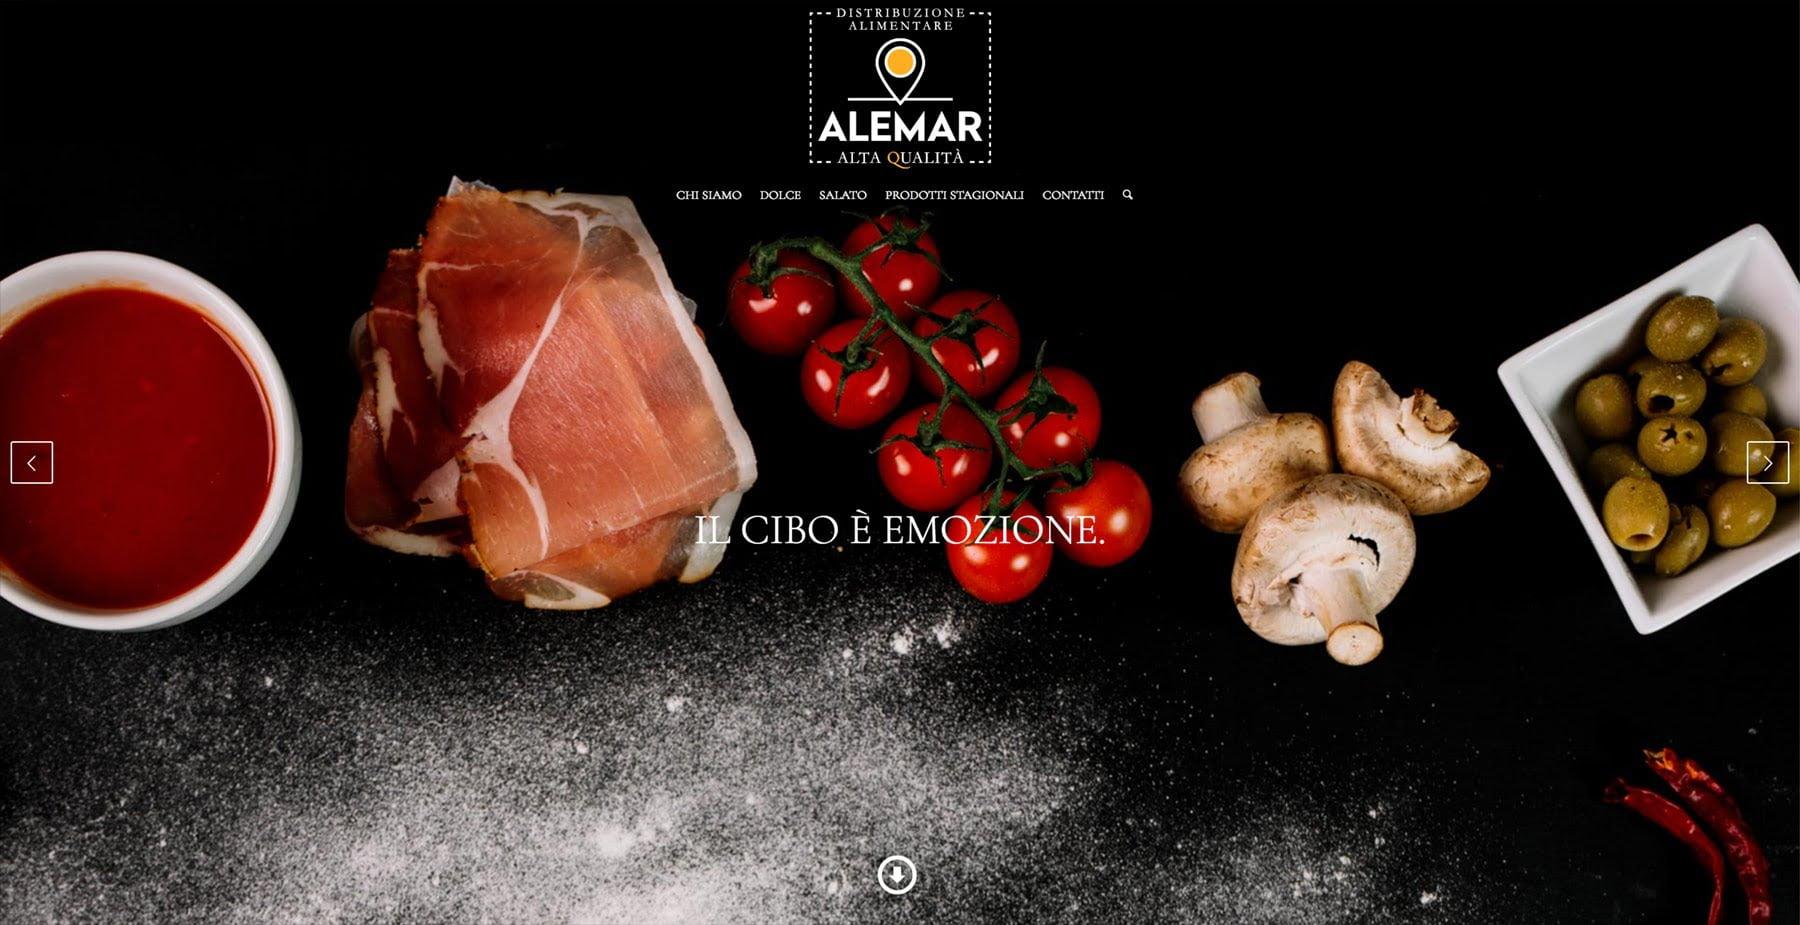 Sito Web Alemar Distribuzione Alimentare